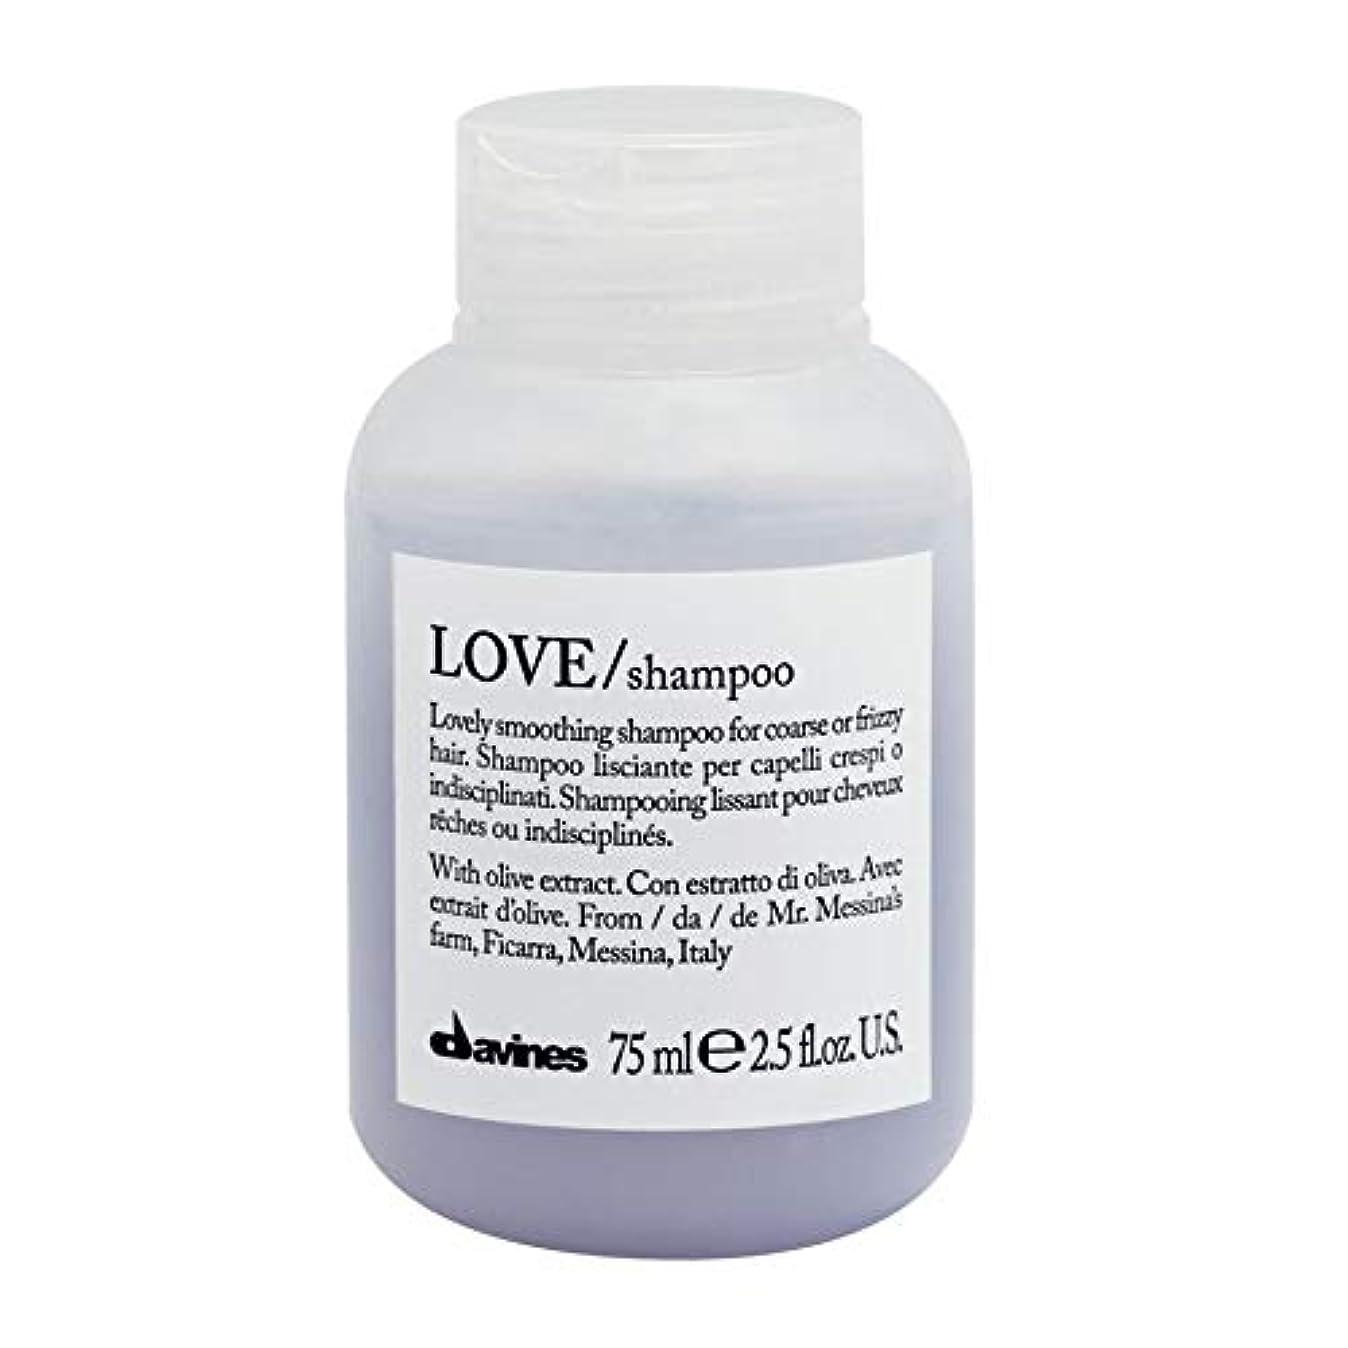 同封する自分の精神医学[Davines ] ダヴィネスは滑らかシャンプー75ミリリットルを愛します - Davines Love Smooth Shampoo 75ml [並行輸入品]